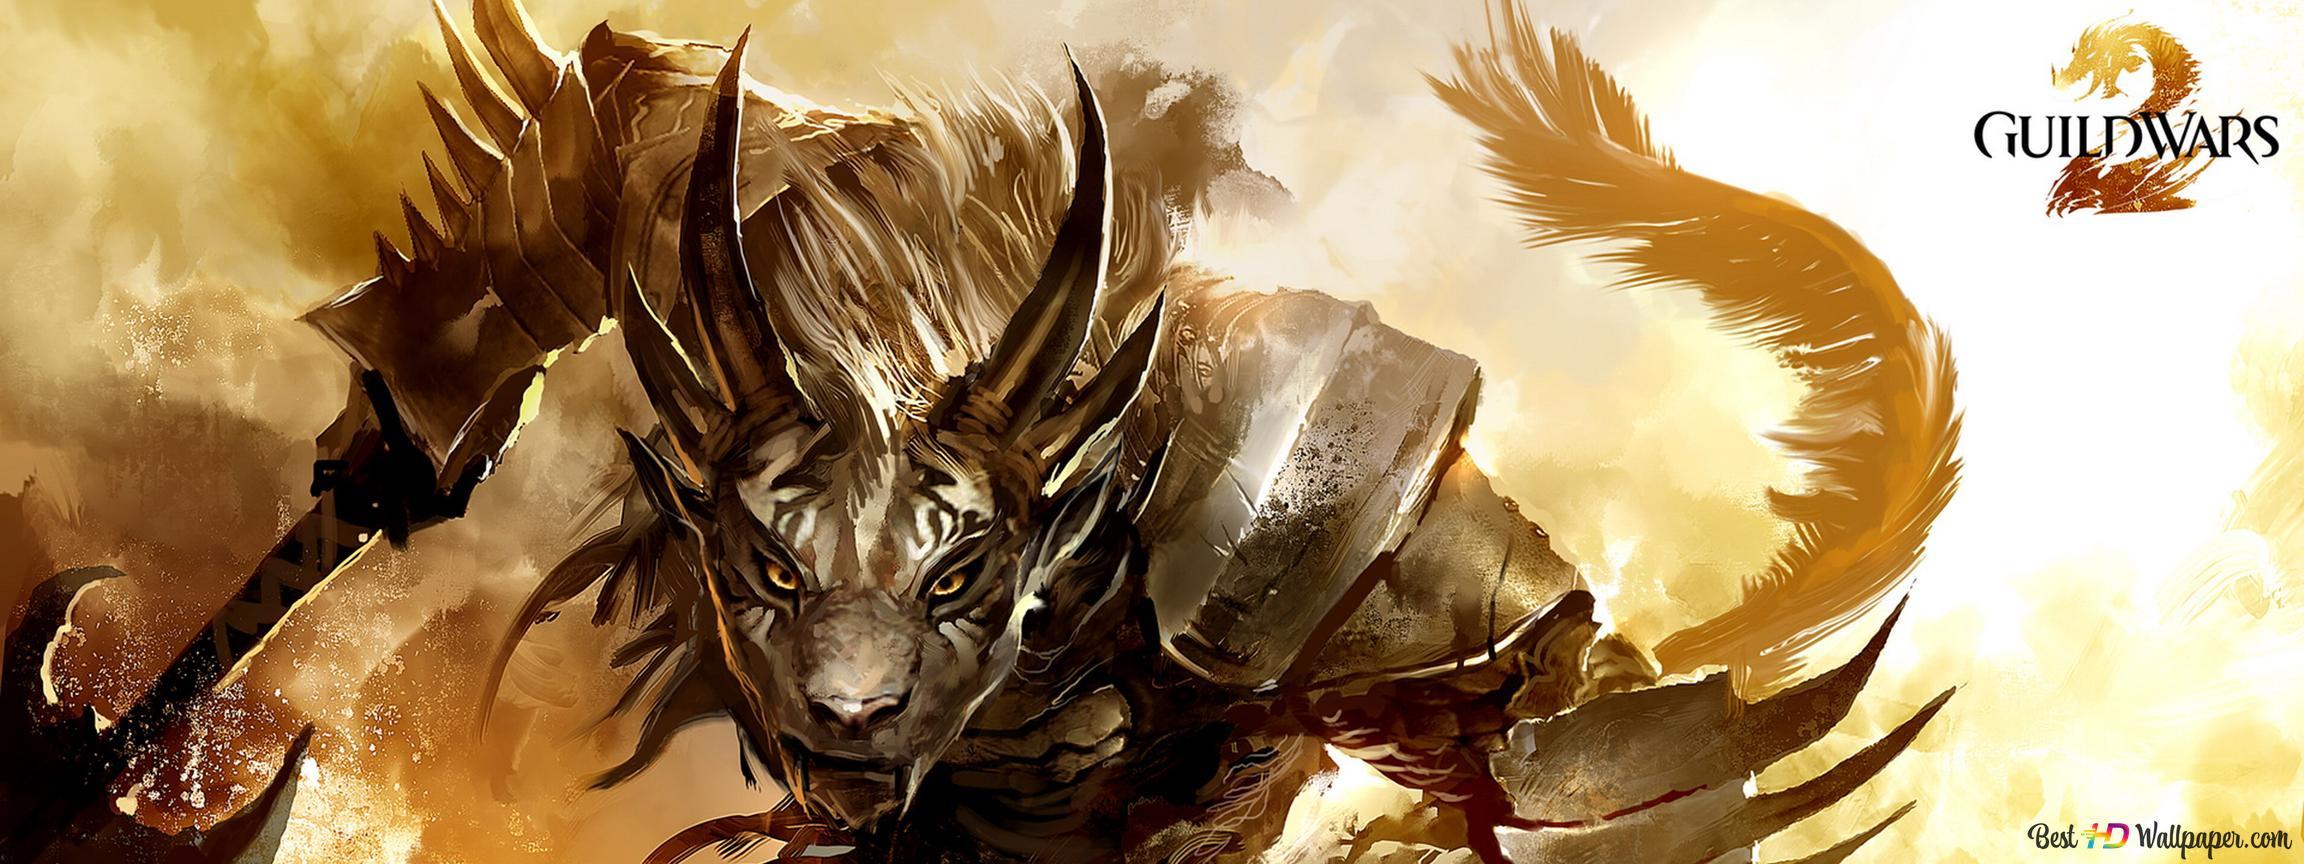 Guild Wars 2 game - Tiger warrior HD wallpaper download